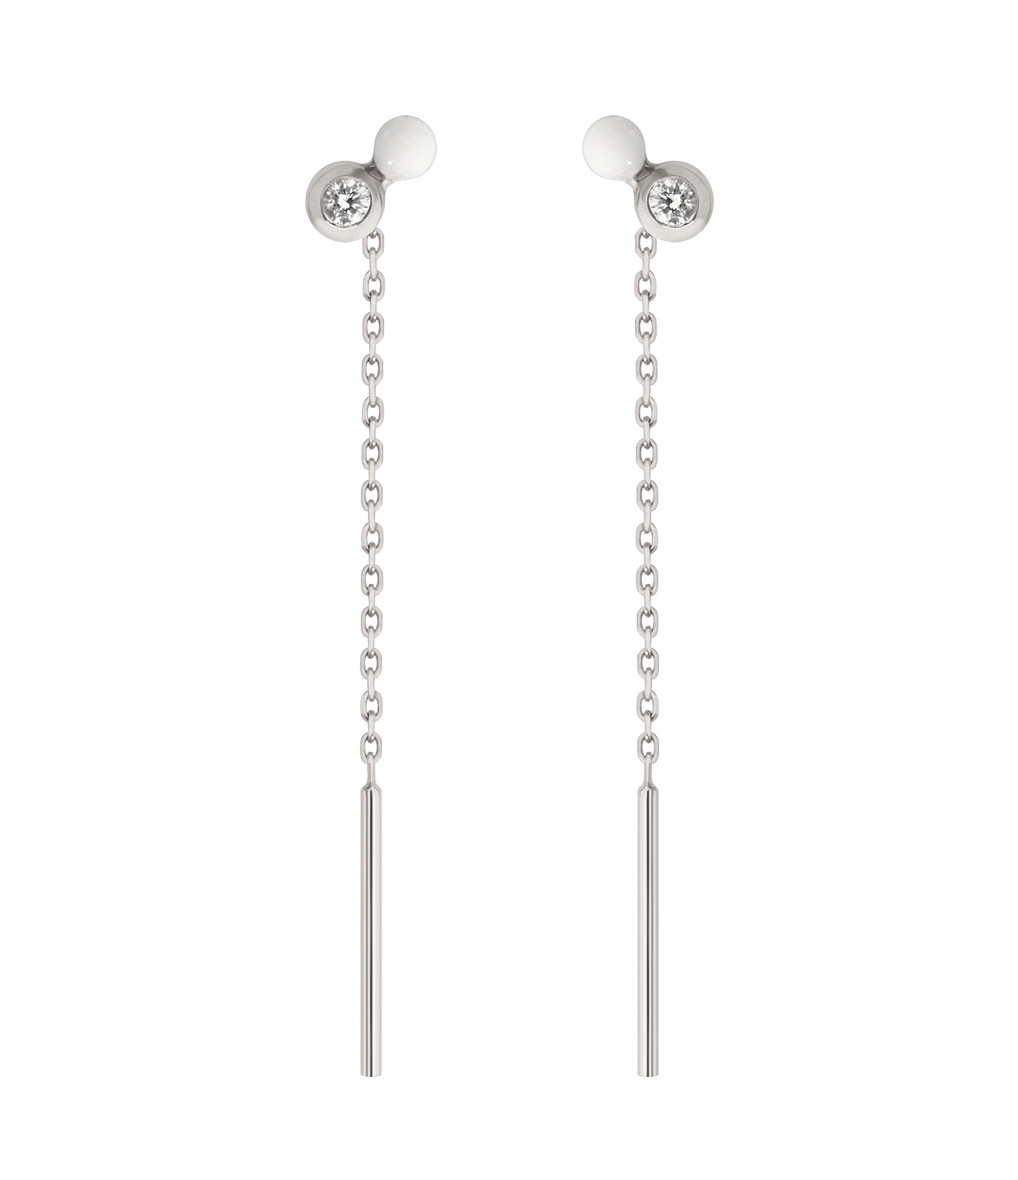 Boucles d'oreilles Pendantes Double Puce Diamant - CLOZEAU